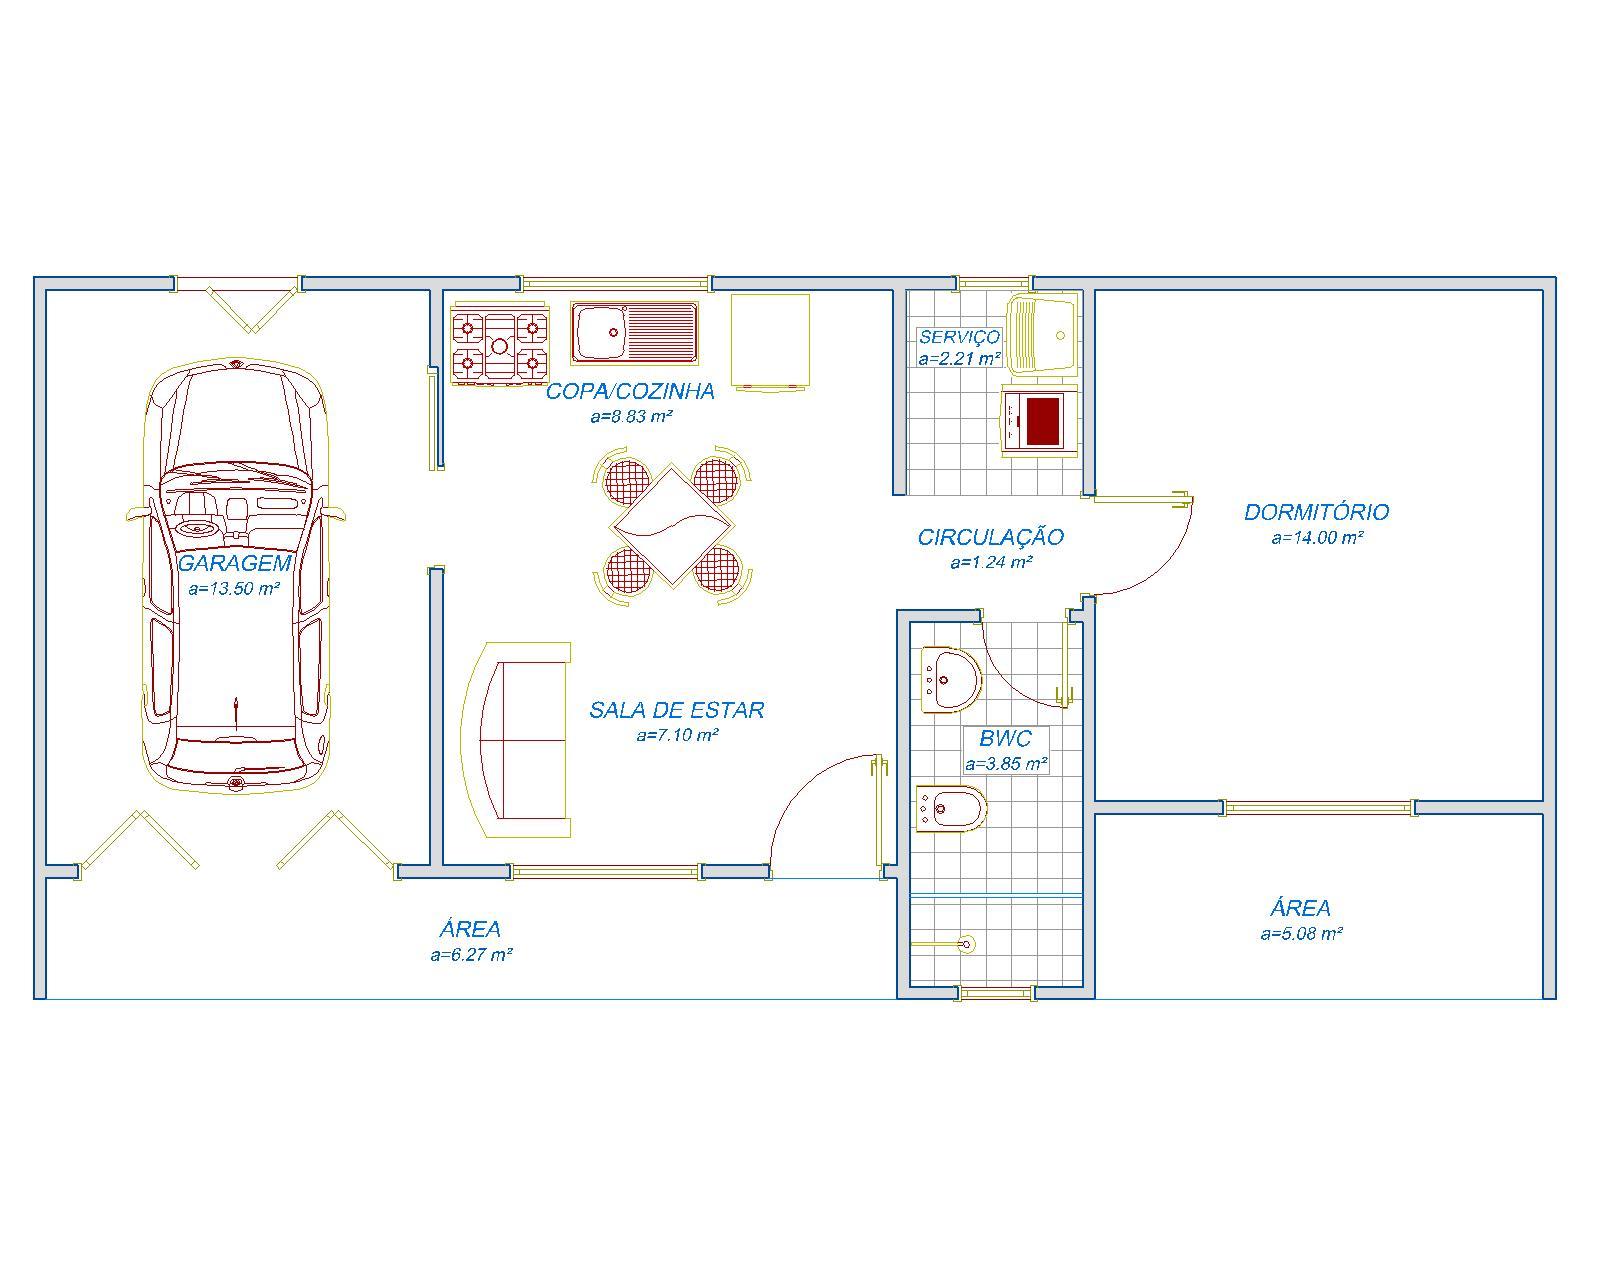 Garagem, 1 copa com cozinha, 1 sala de estar, 1 banheiro, 1 quarto, 1 área de serviço e varanda